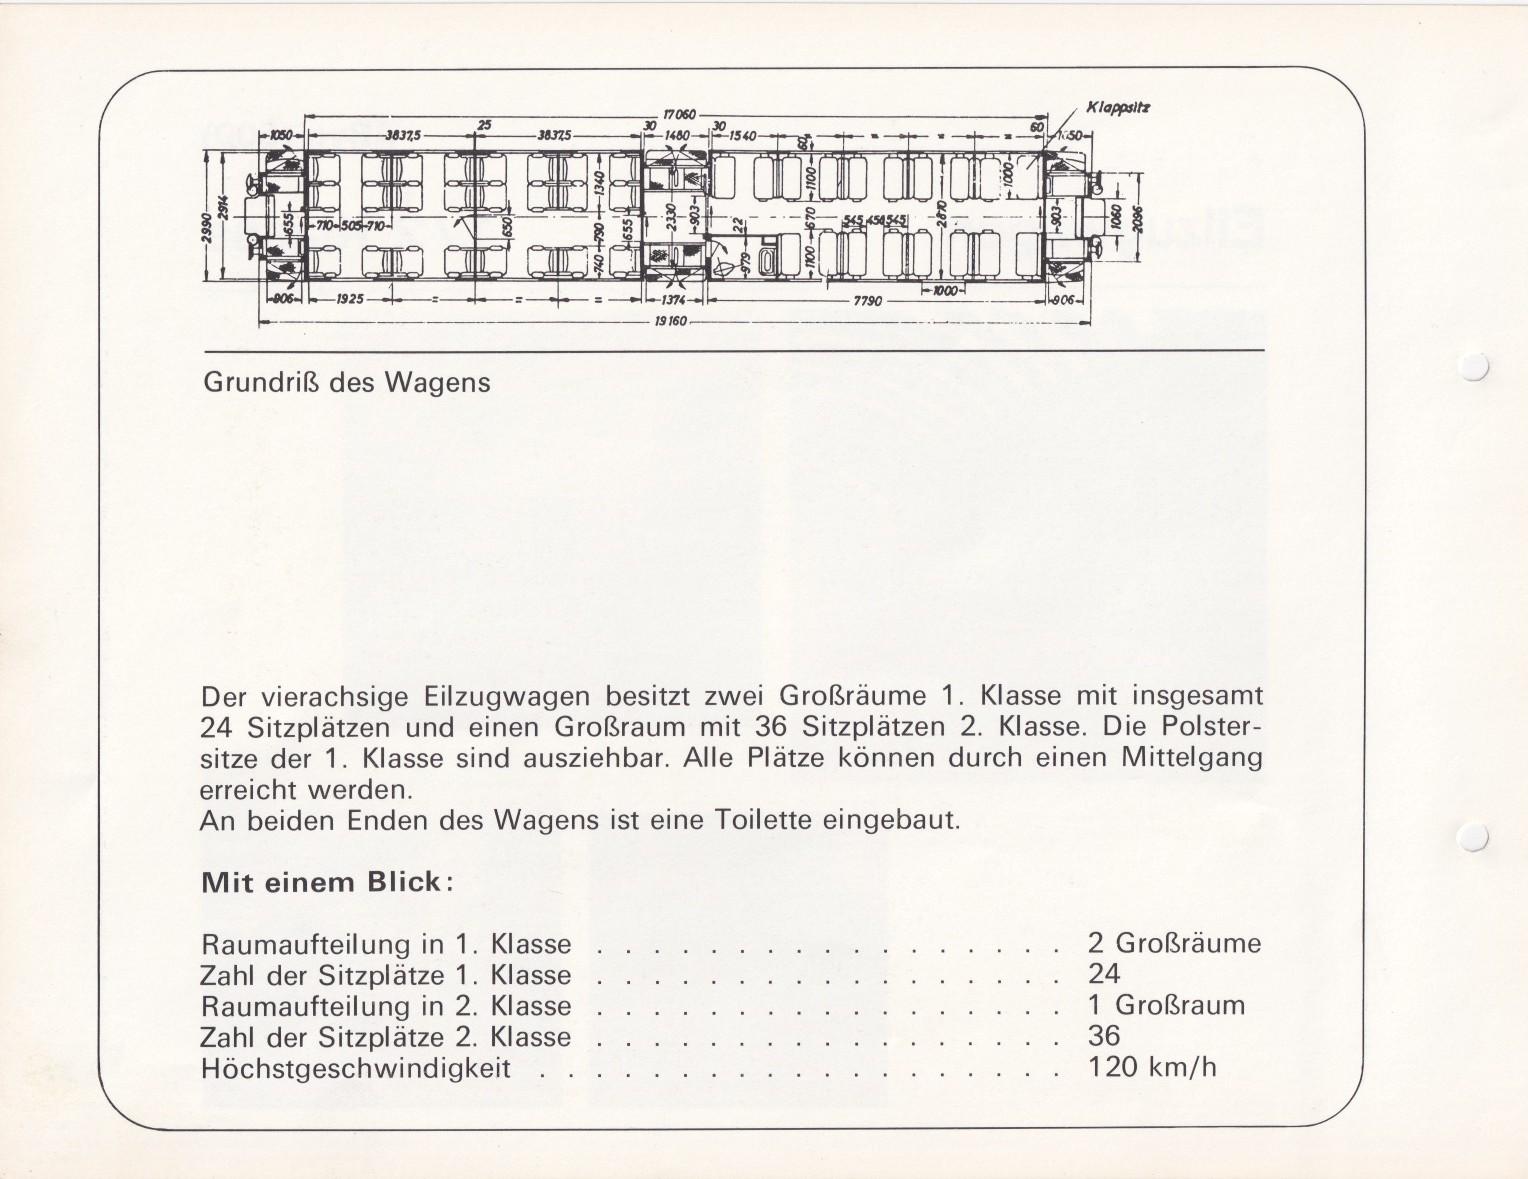 https://www.nullclub.de/hifo/Fahrzeuglexikon/Wagen23b.jpg